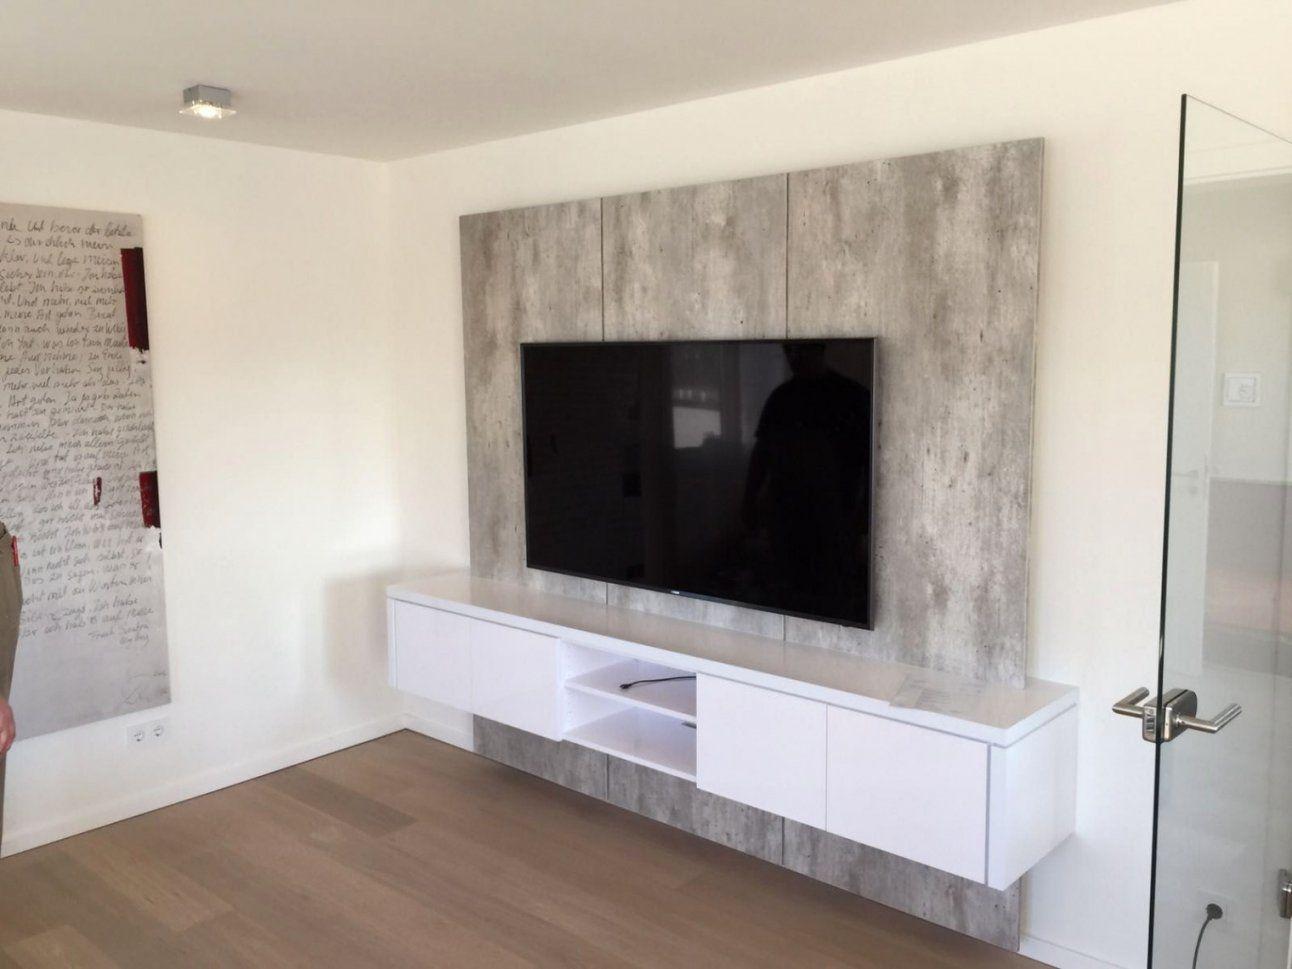 Elegant Tv Wand Xxl In Betonoptik Für Kunden In Solingen Zum Tv Wand von Tv Wand Bauen Anleitung Bild